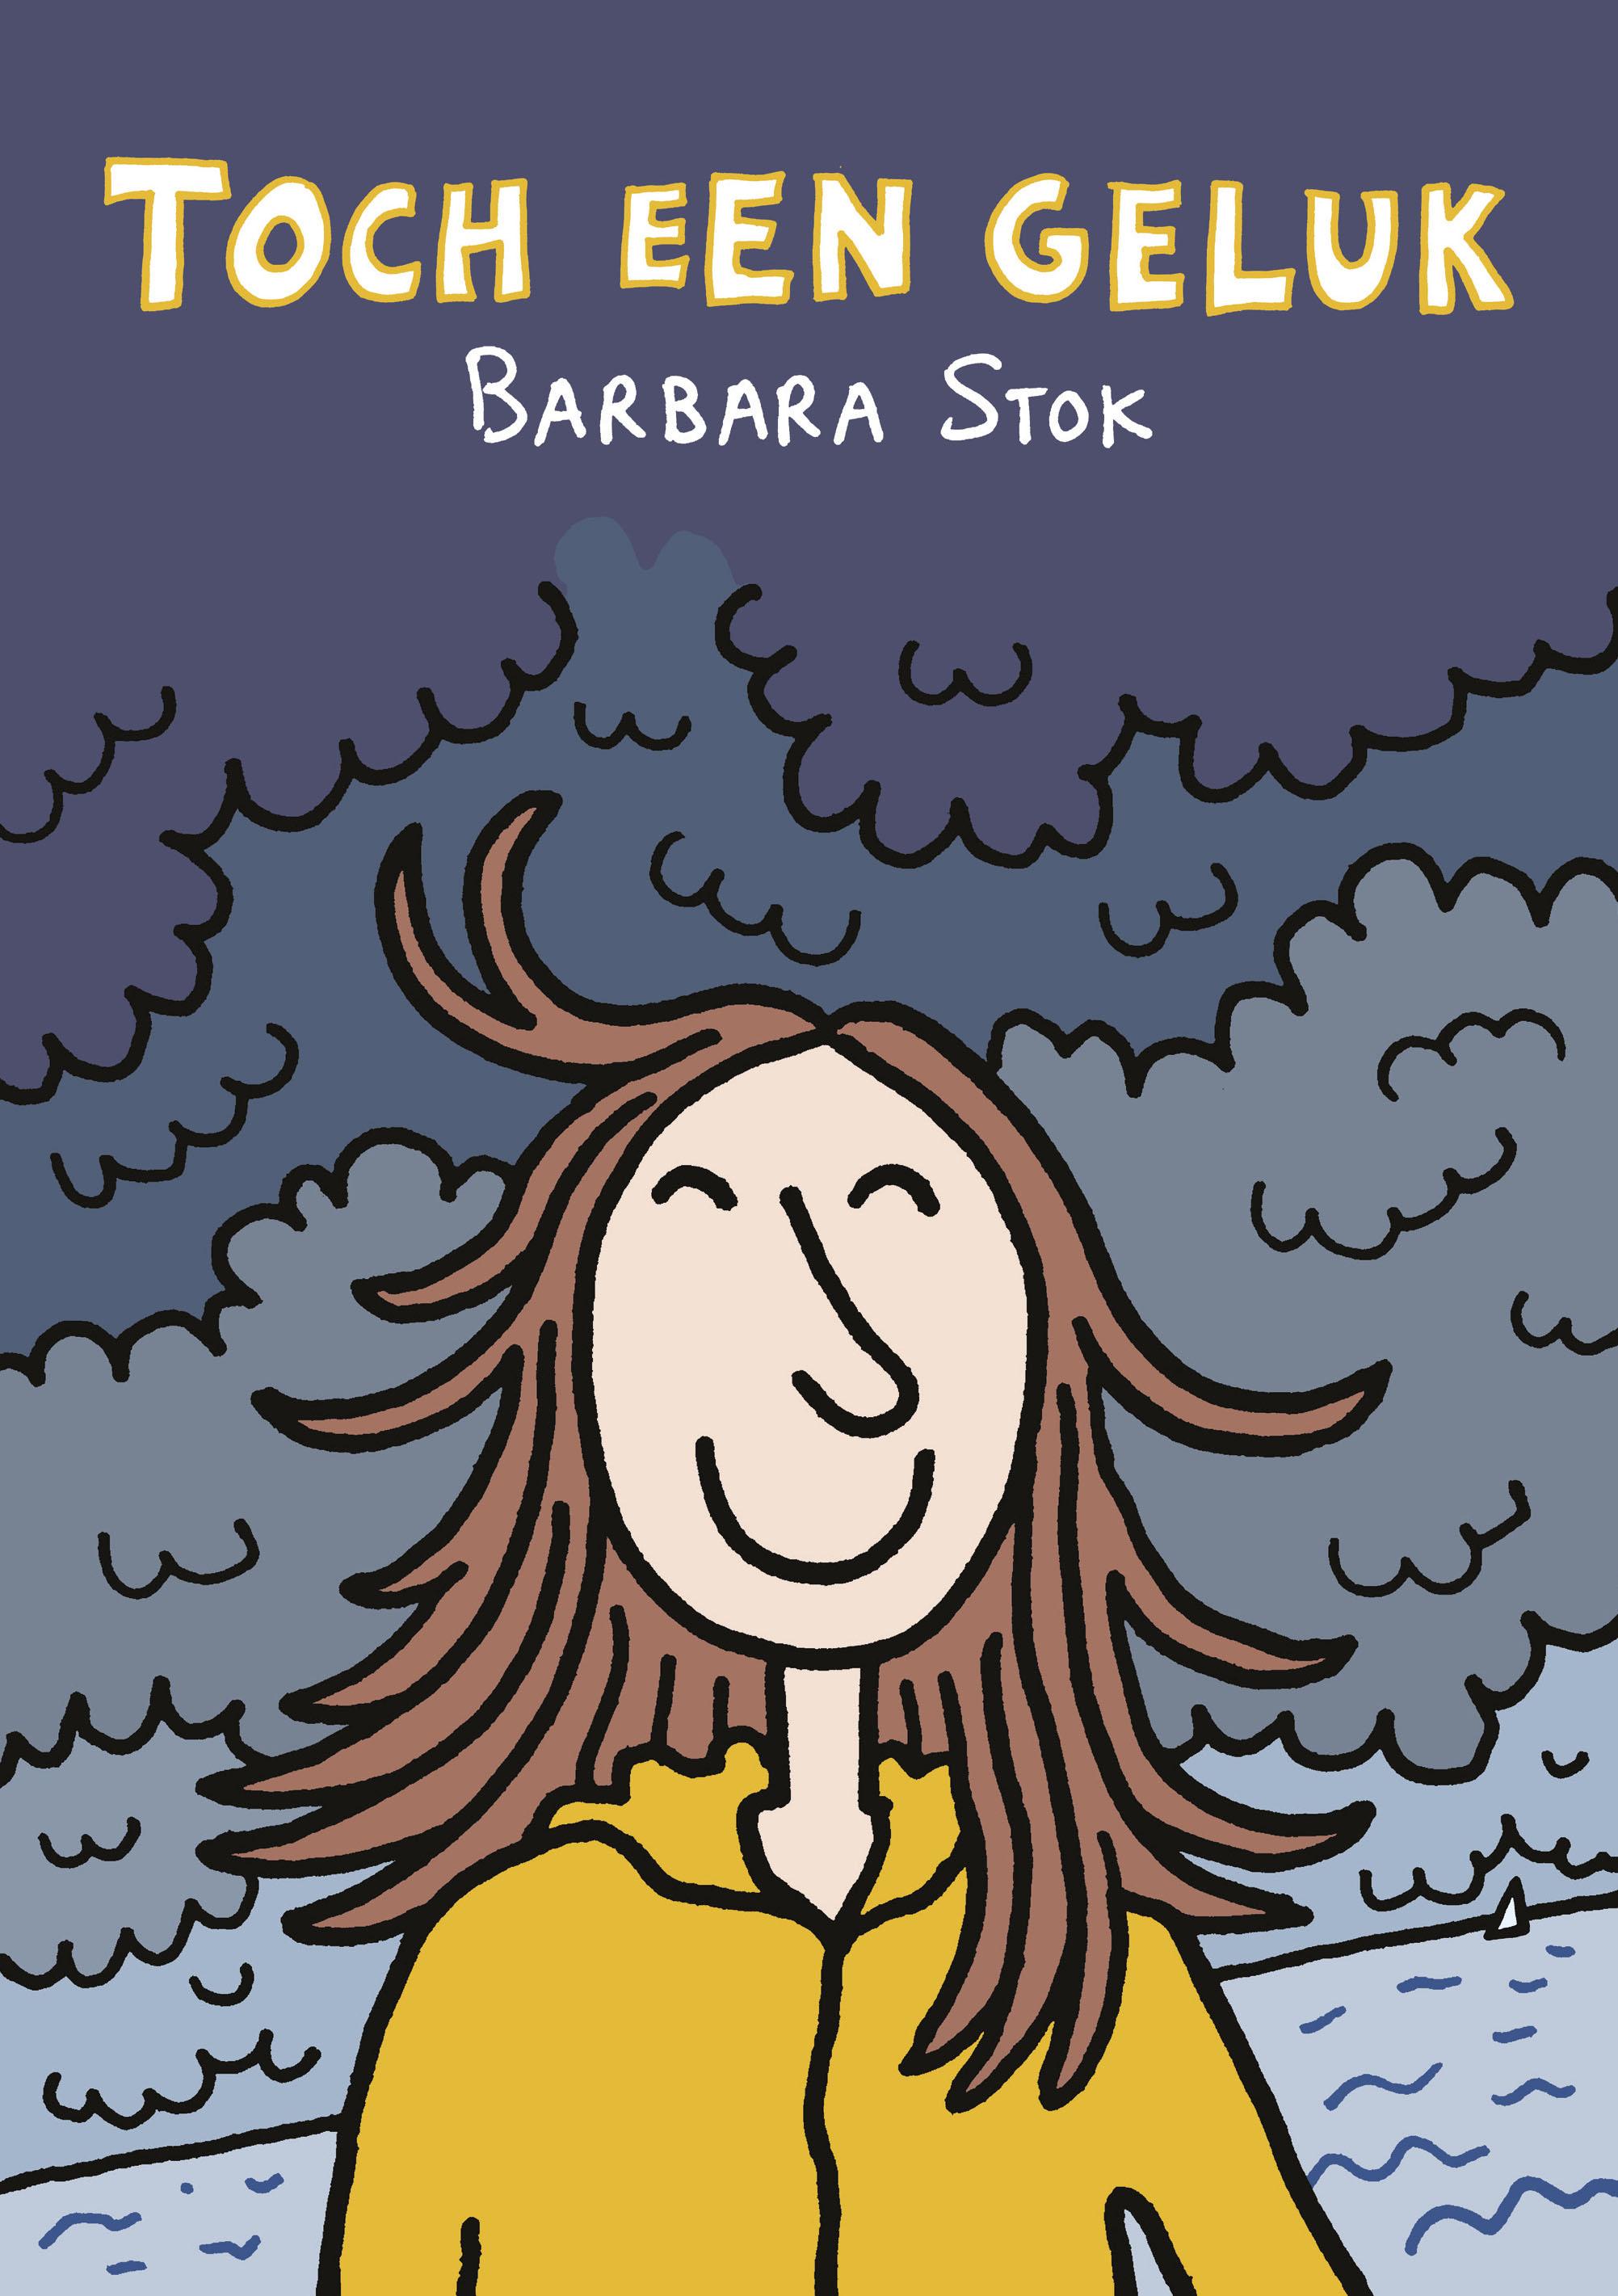 Toch een geluk – Barbara Stok